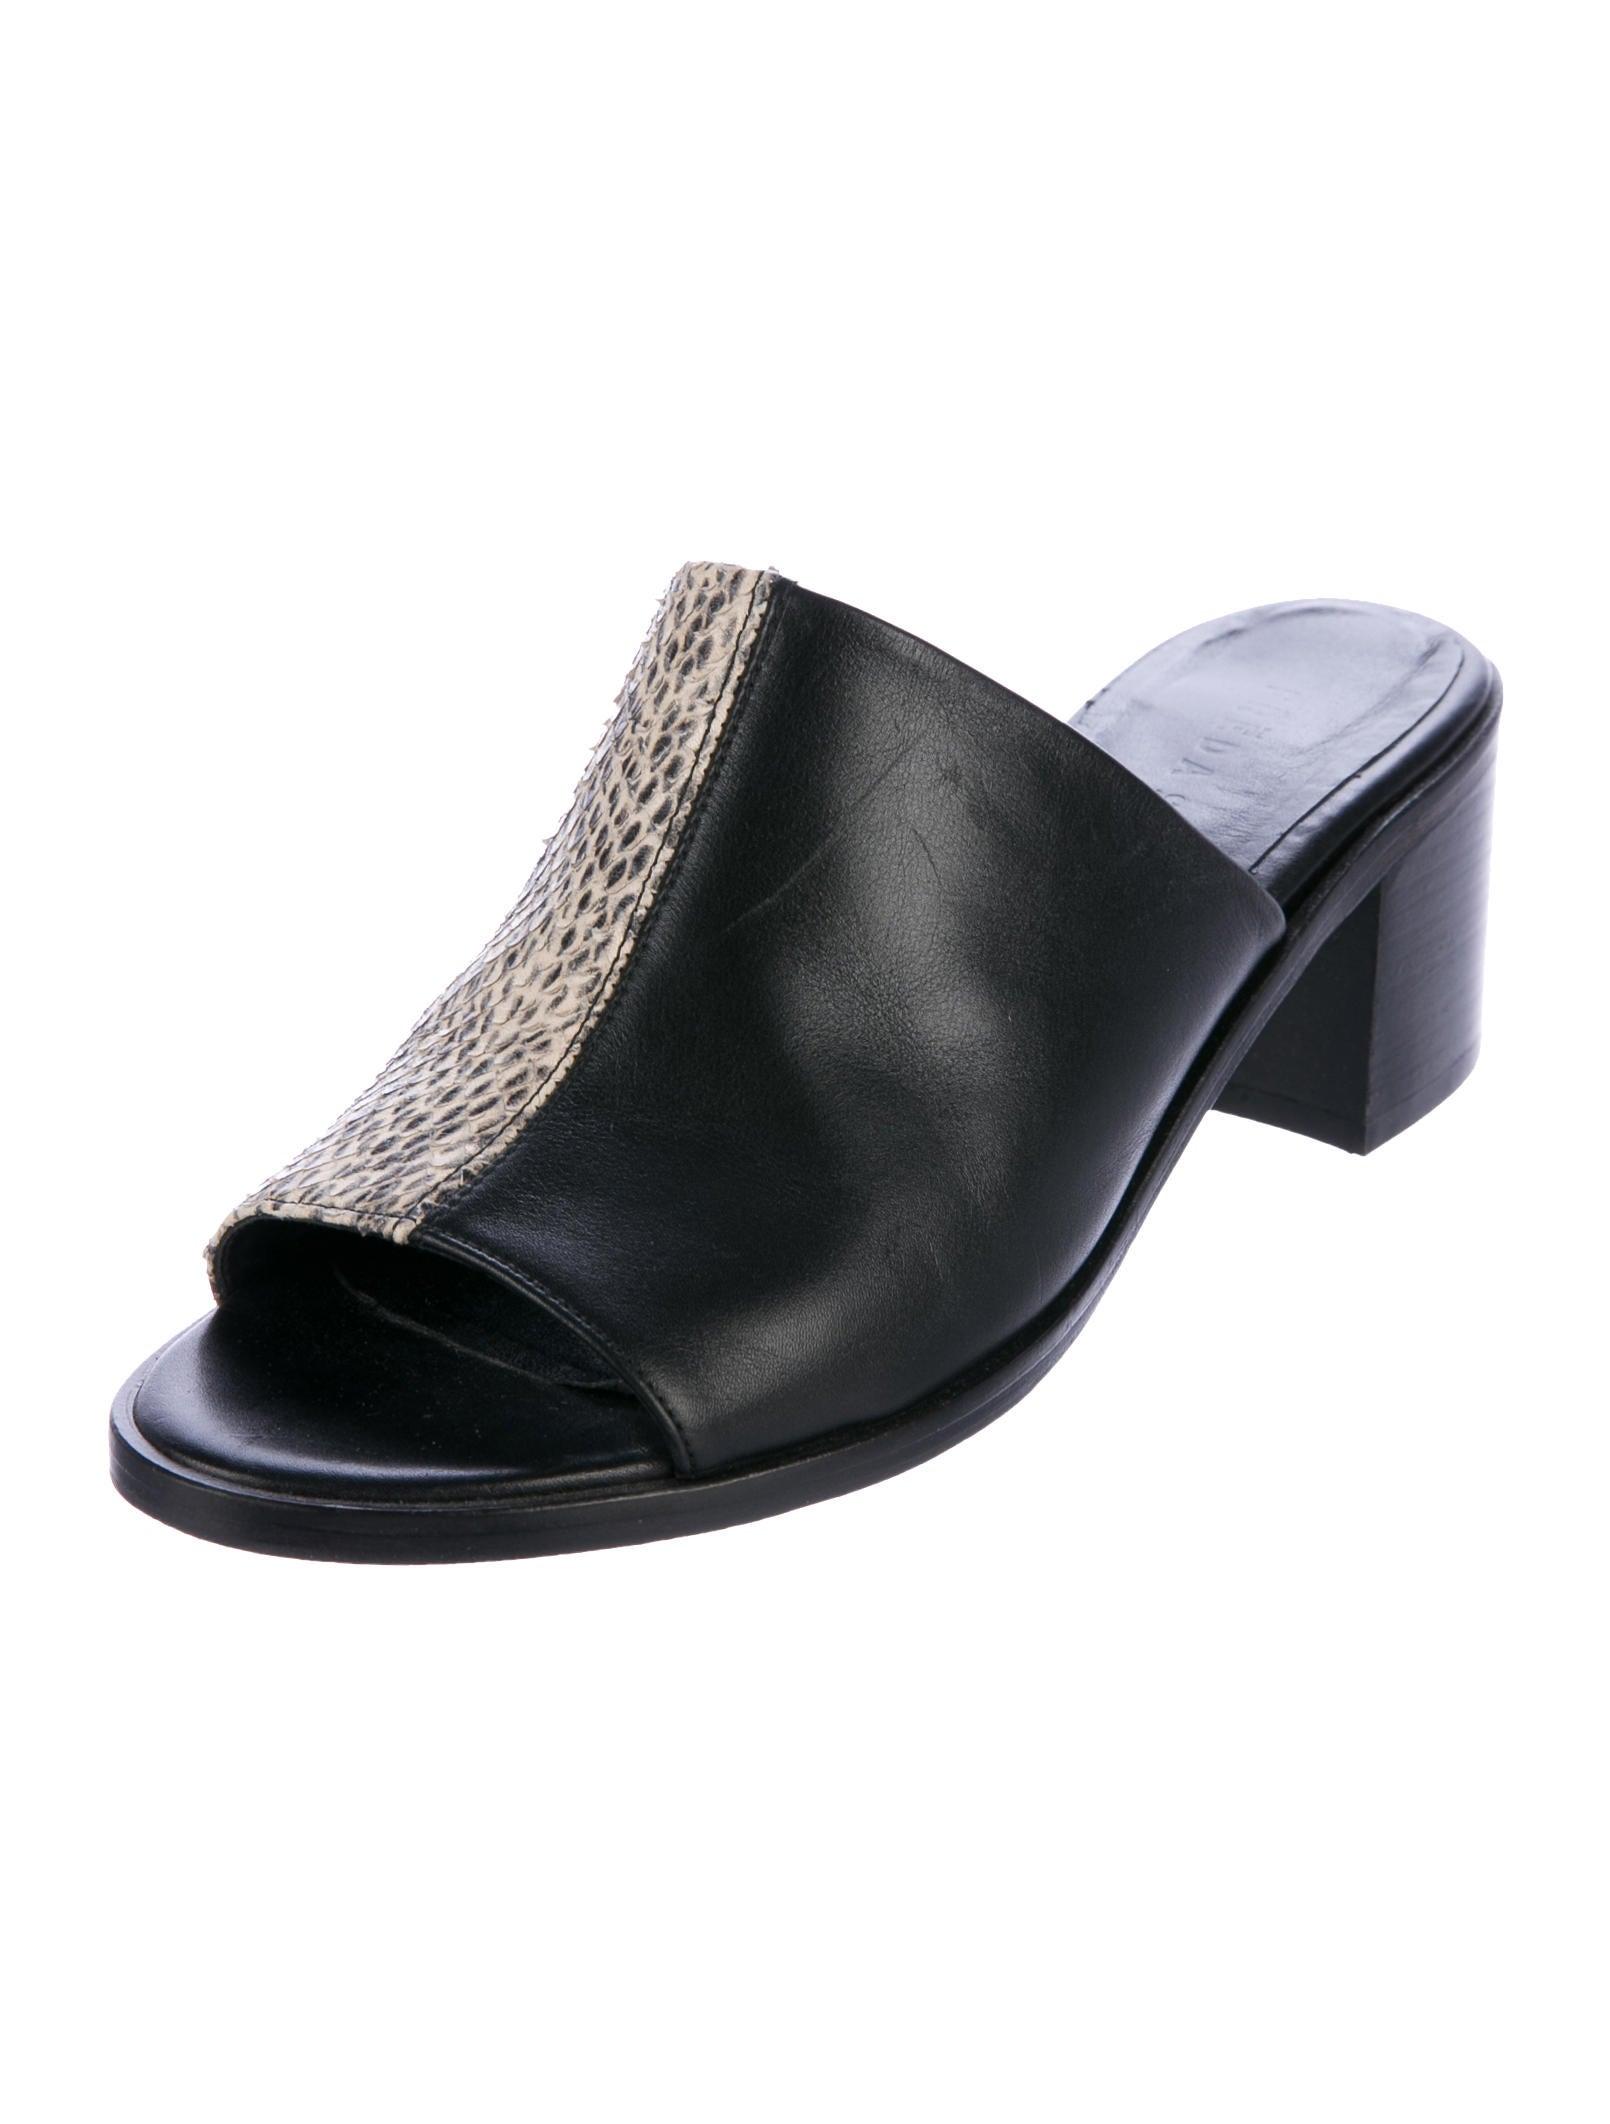 Freda Salvador Embossed Leather Slide Sandals cheap order 6IYdR8